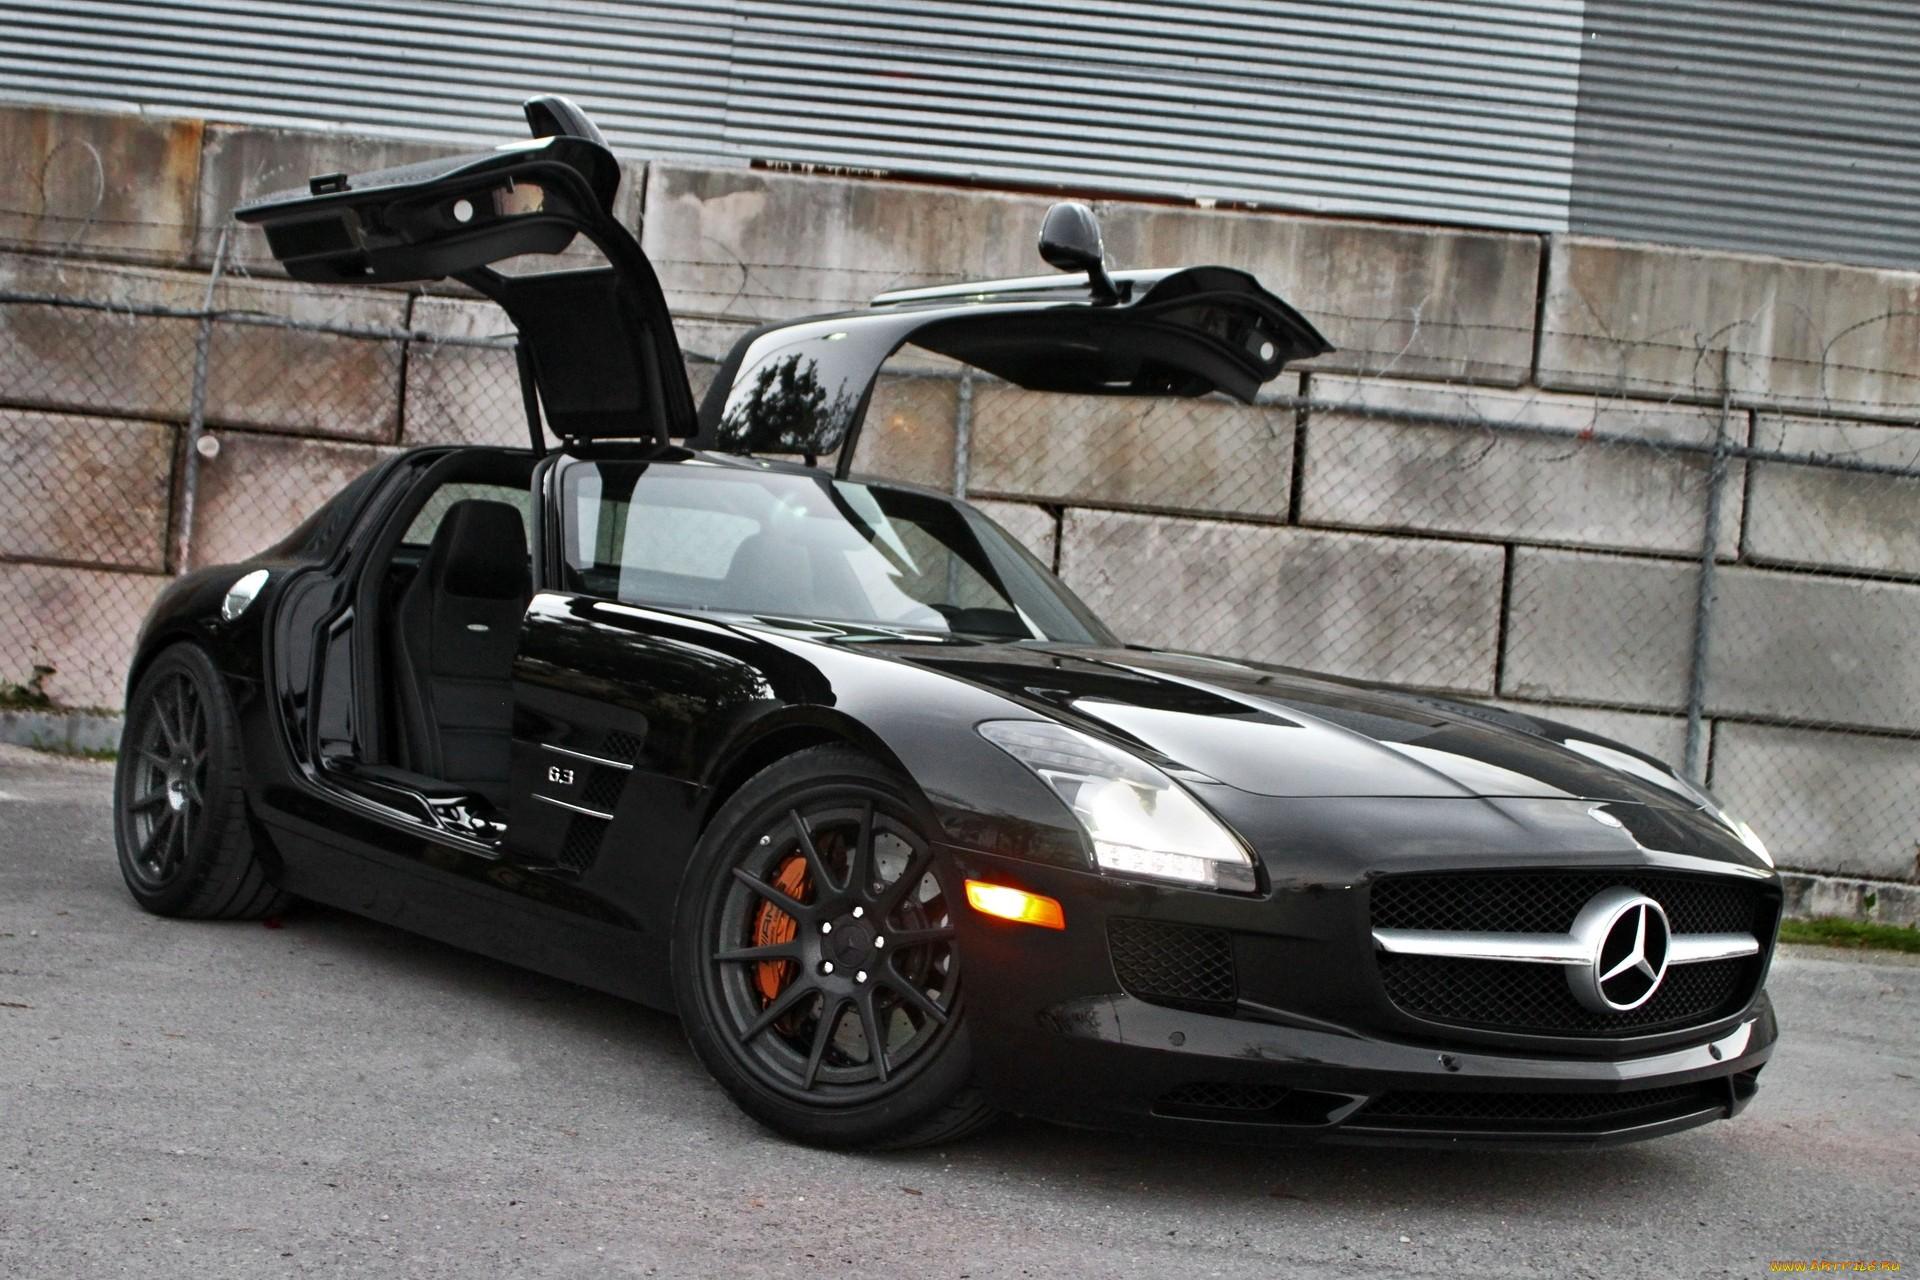 Mercedes benz sls amg supercar black wallpaper 1920x1280 for Mercedes benz supercar